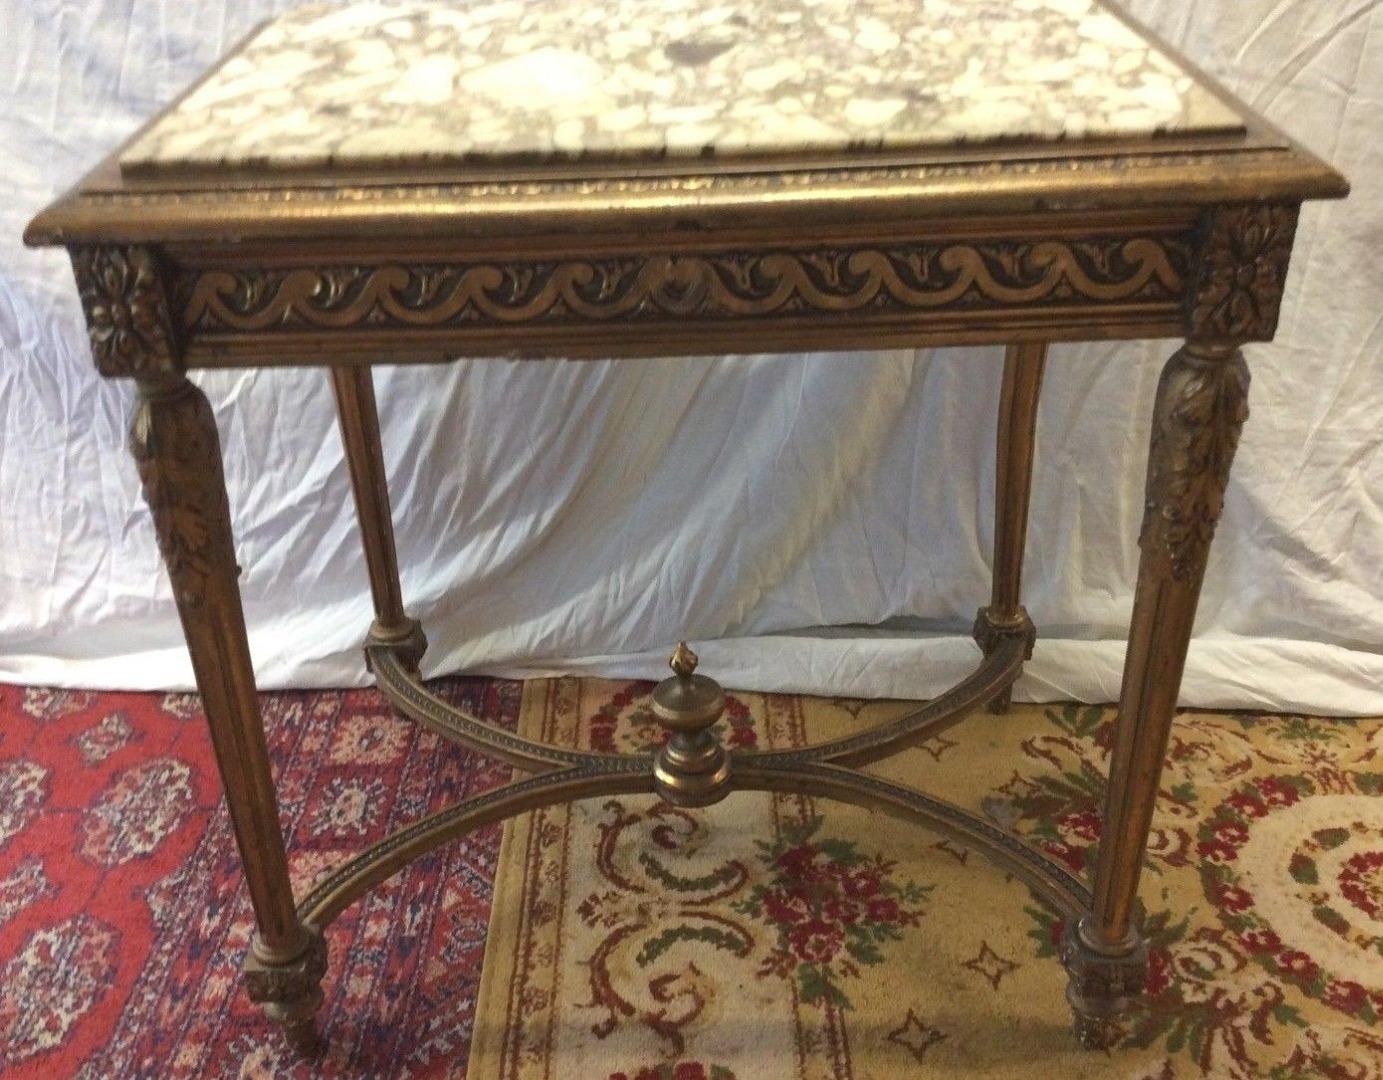 Table Époque Xixeme Louis En Milieu De Xvi Bois Doré JulK1c3TF